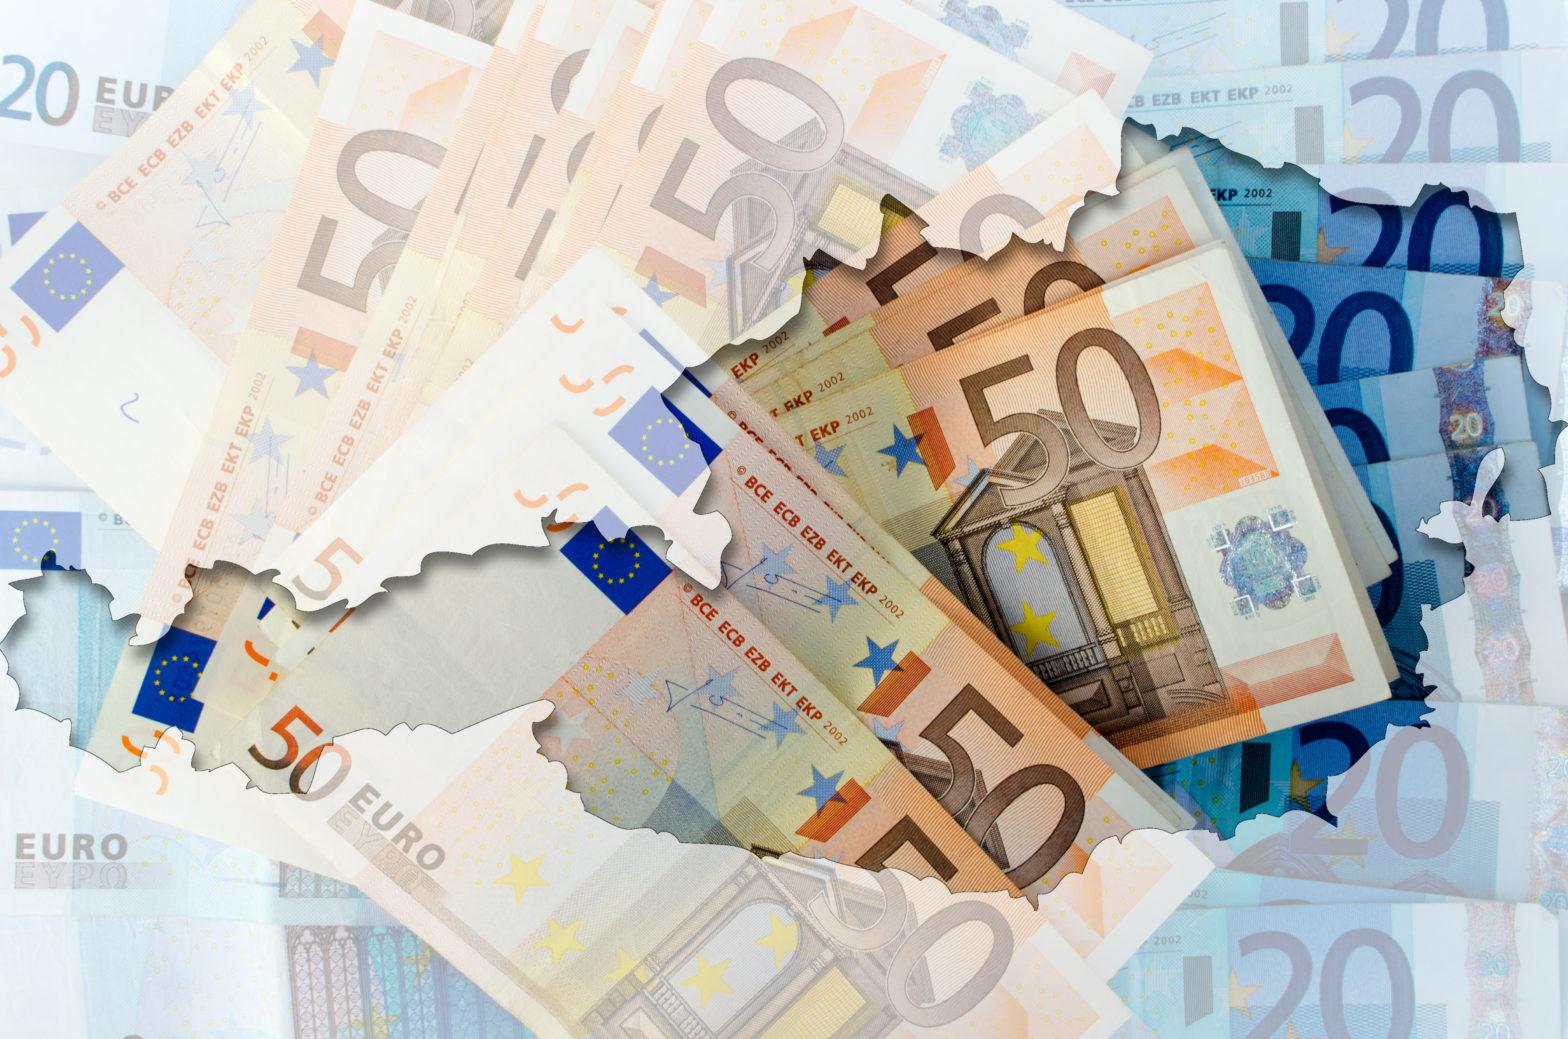 Die österreichischen erzielten um rund 55 Mio. Euro mehr Überschüsse als erwartet.